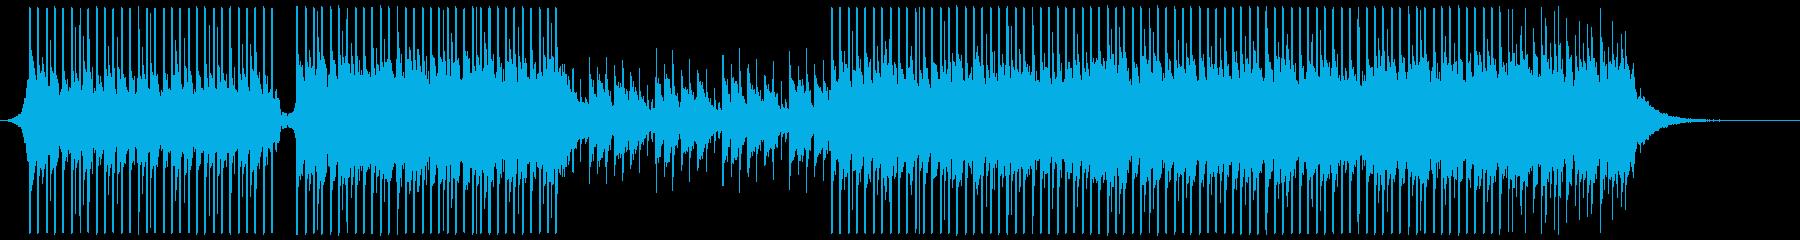 ピアノ、ドラムを使った、の再生済みの波形